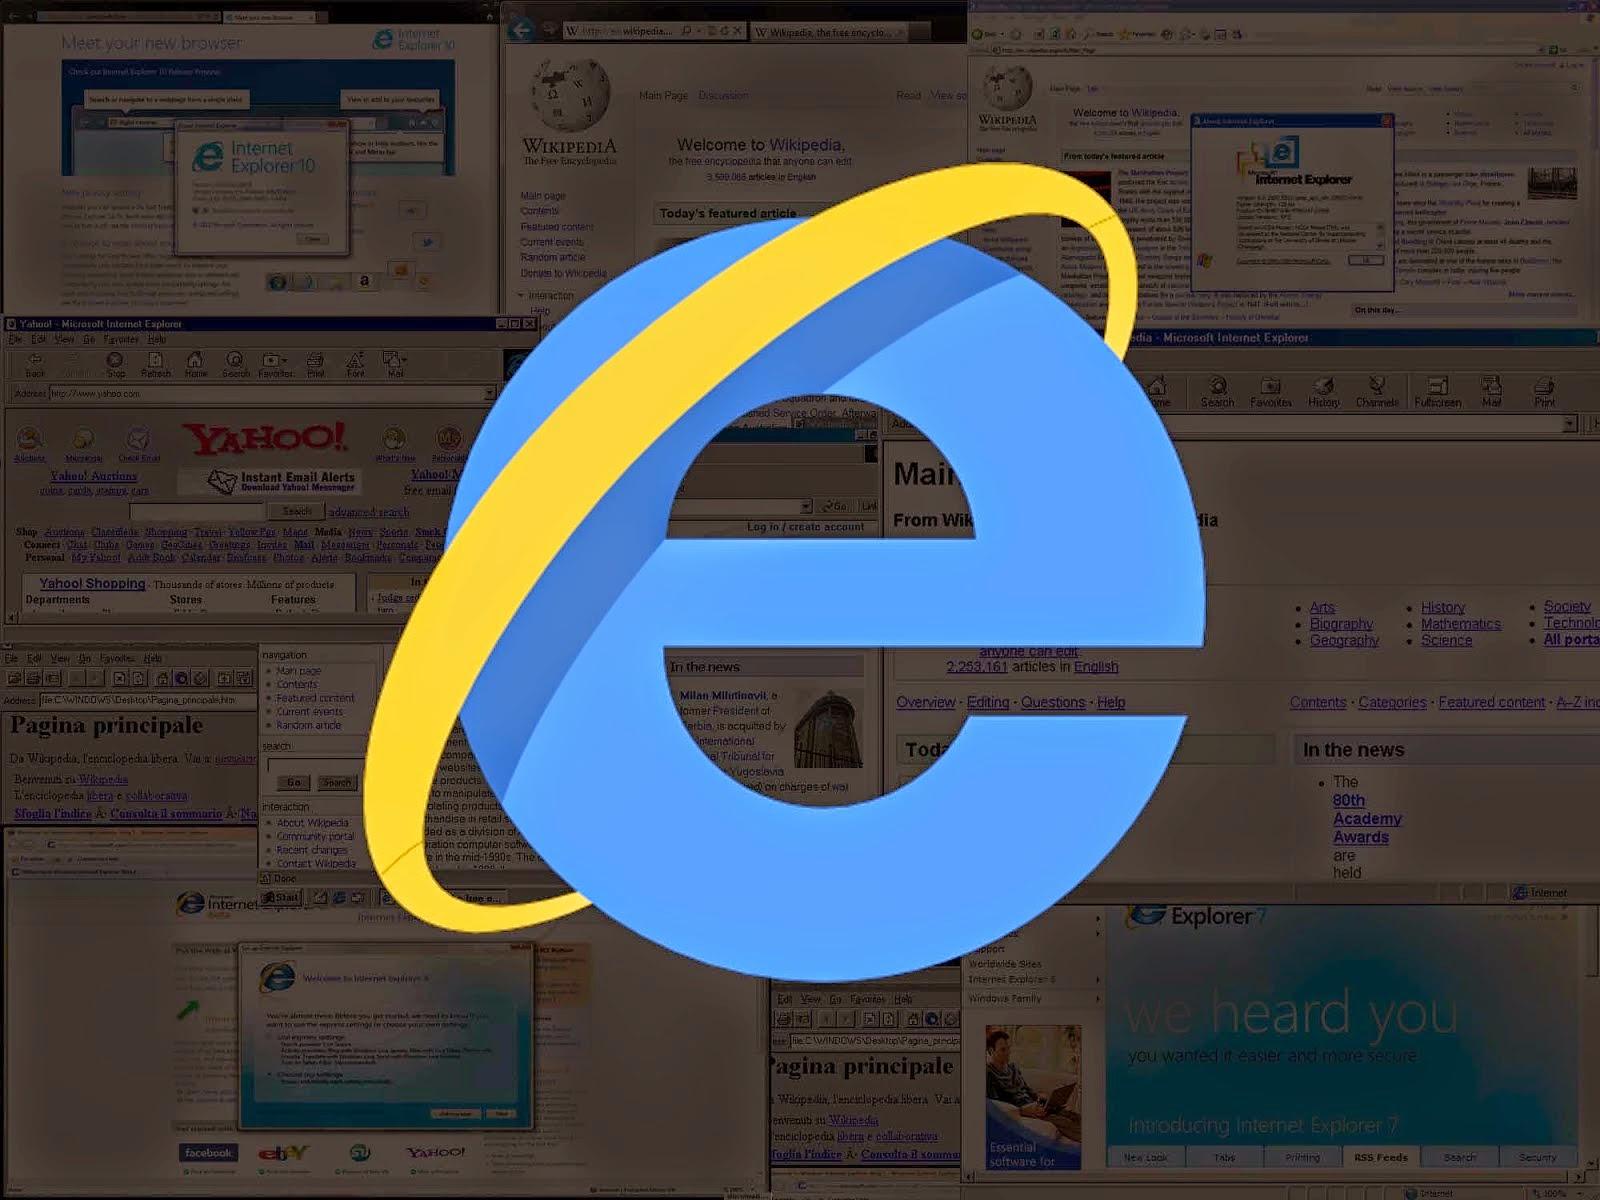 فيديو : تاريخ متصفح مايكروسوفت Internet Explorer في ثلاثة دقائق - مدونة الحماية